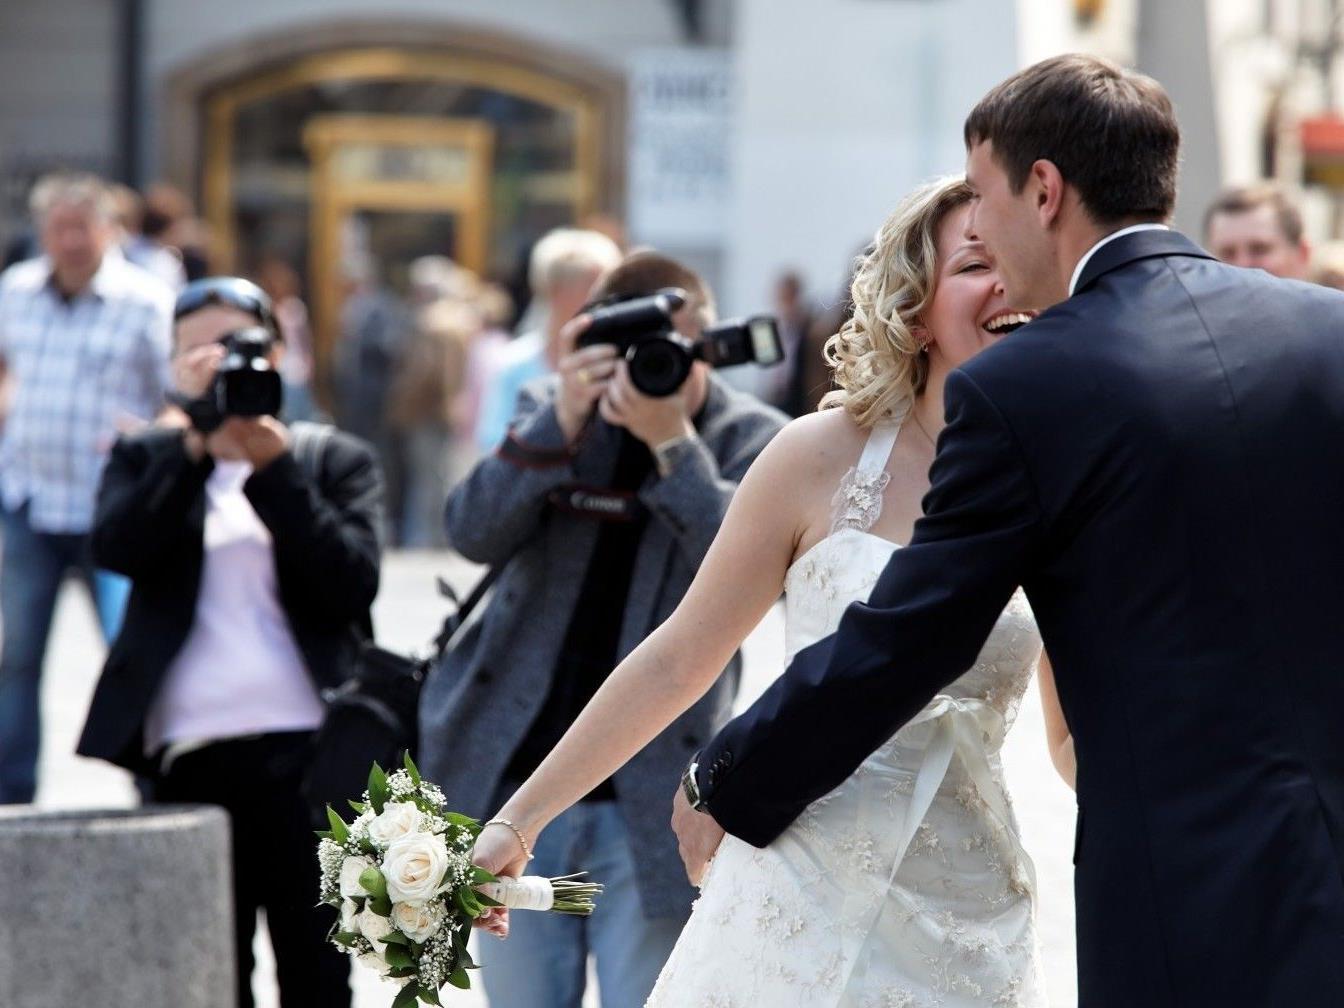 In Wien gab es im Jahr 2012 erneut einen Rückgang bei Hochzeiten.